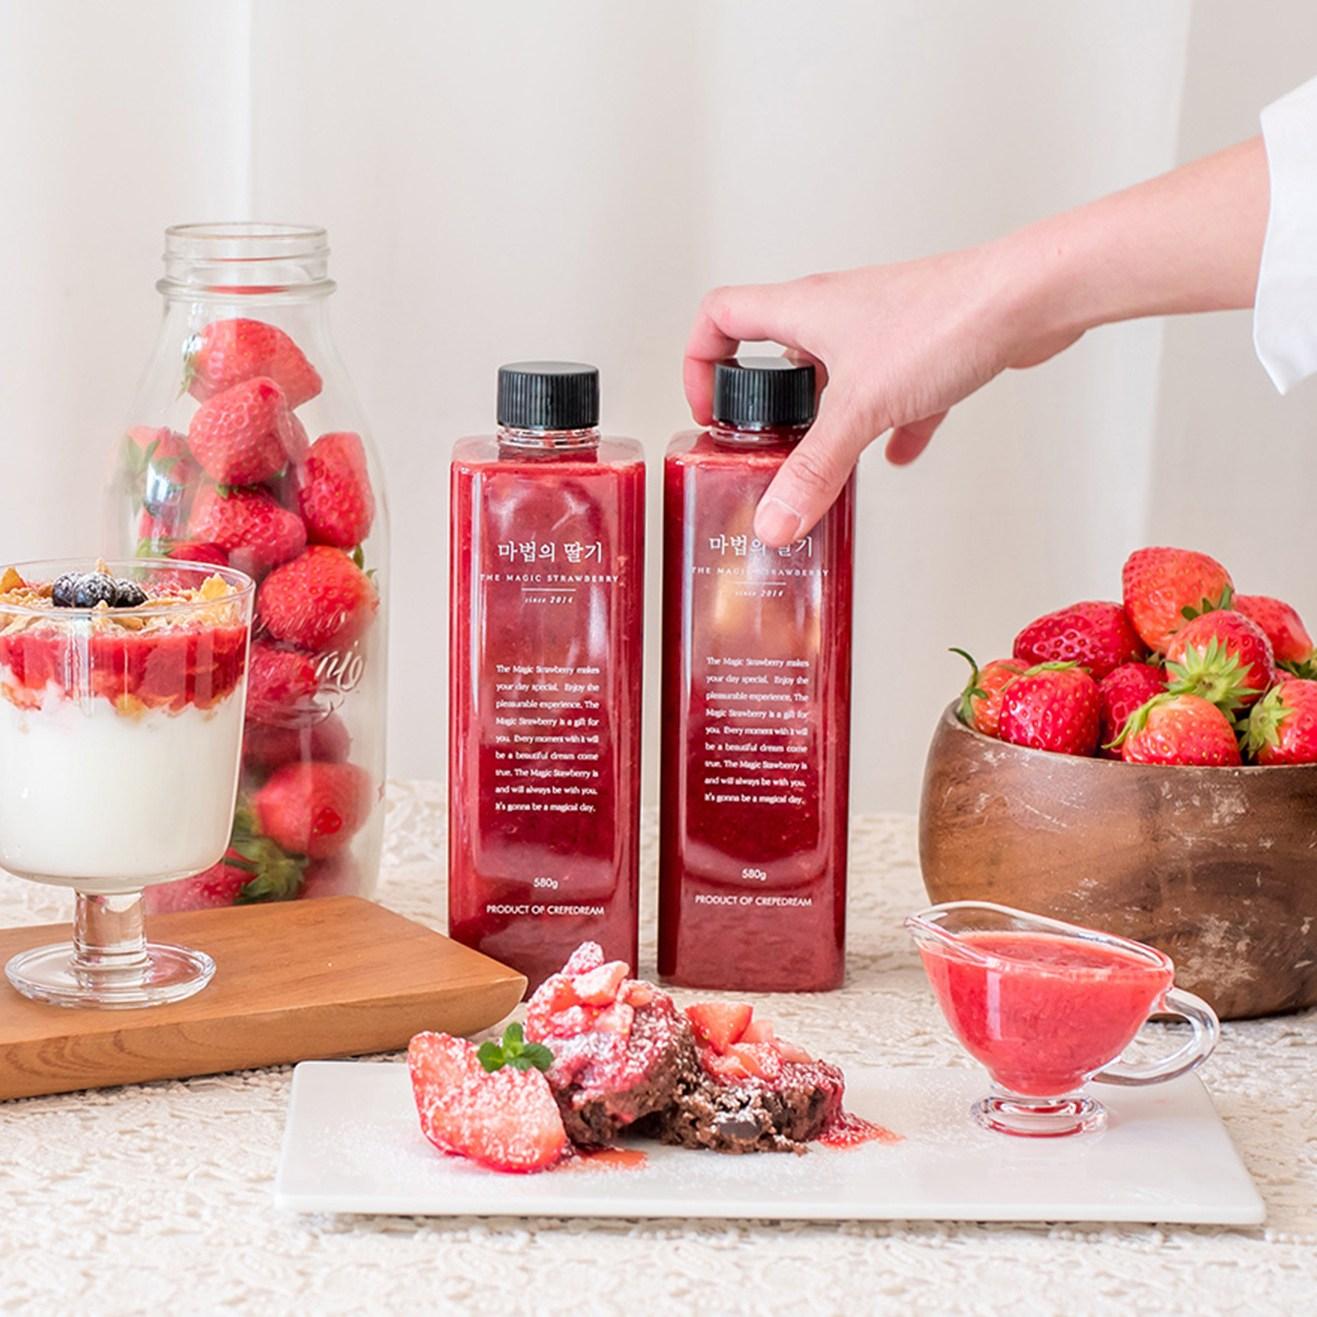 마법의딸기 580g 딸기 과일 수제 청 퓨레 시럽 라떼 에이드 주스 만들기 홈카페, 1병